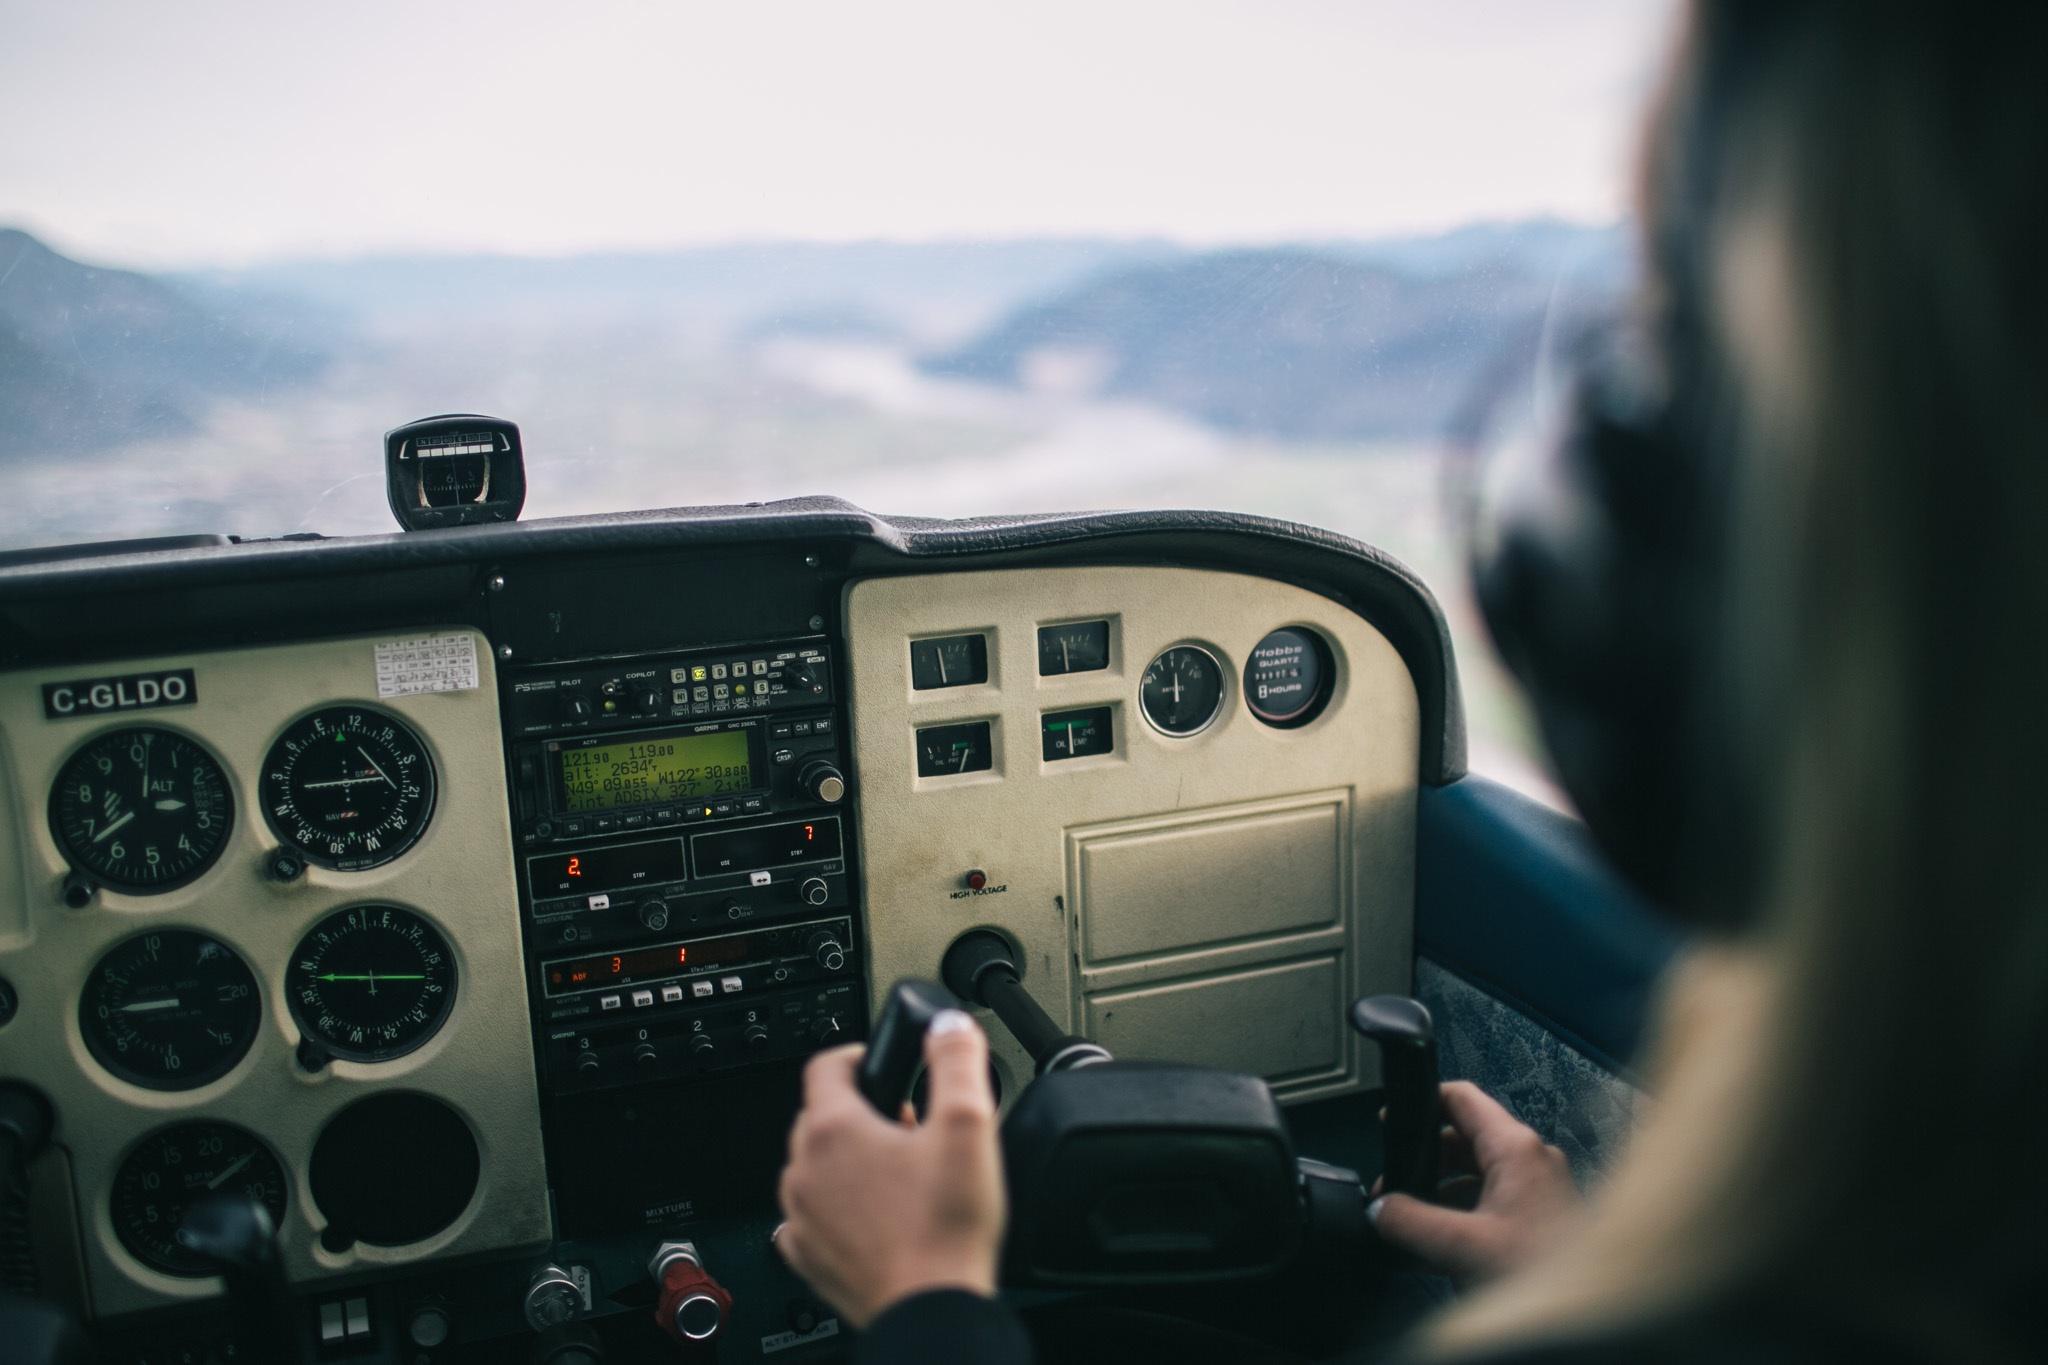 Висш пилотаж или добра организация е управлението на проект финансиран от ЕС